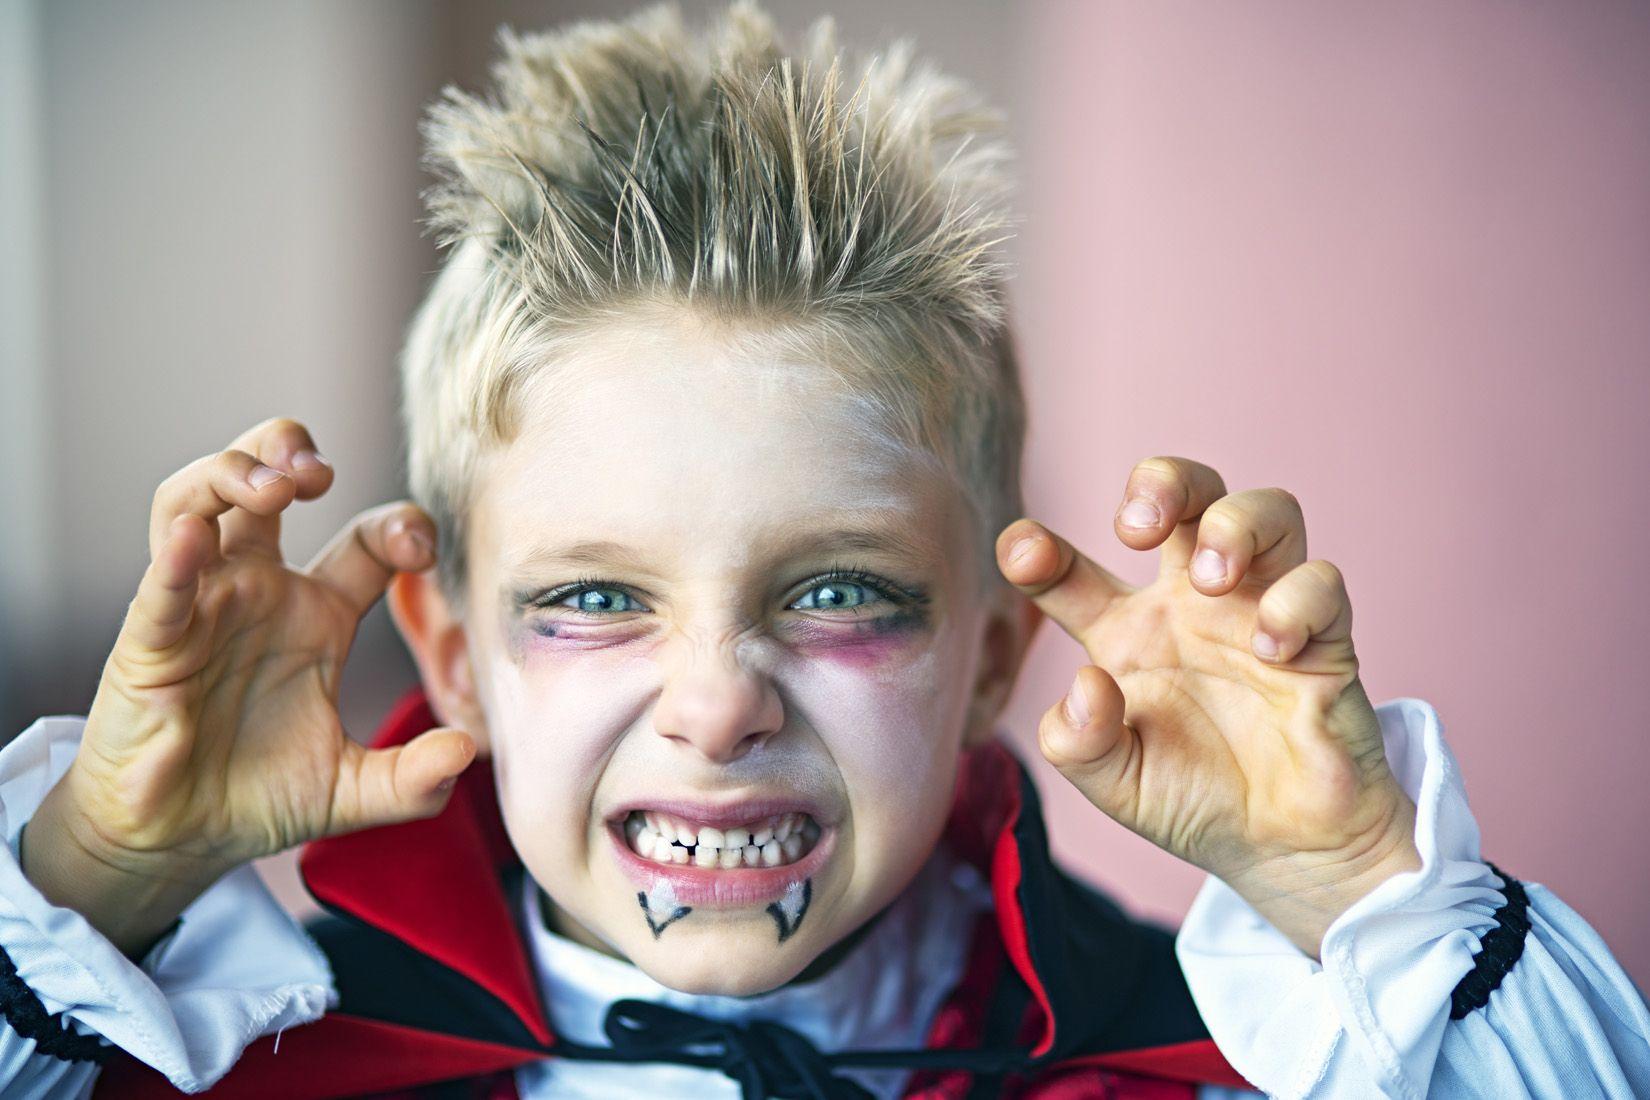 Plan serré d'un enfant maquillé en Dracula faisant une grimace